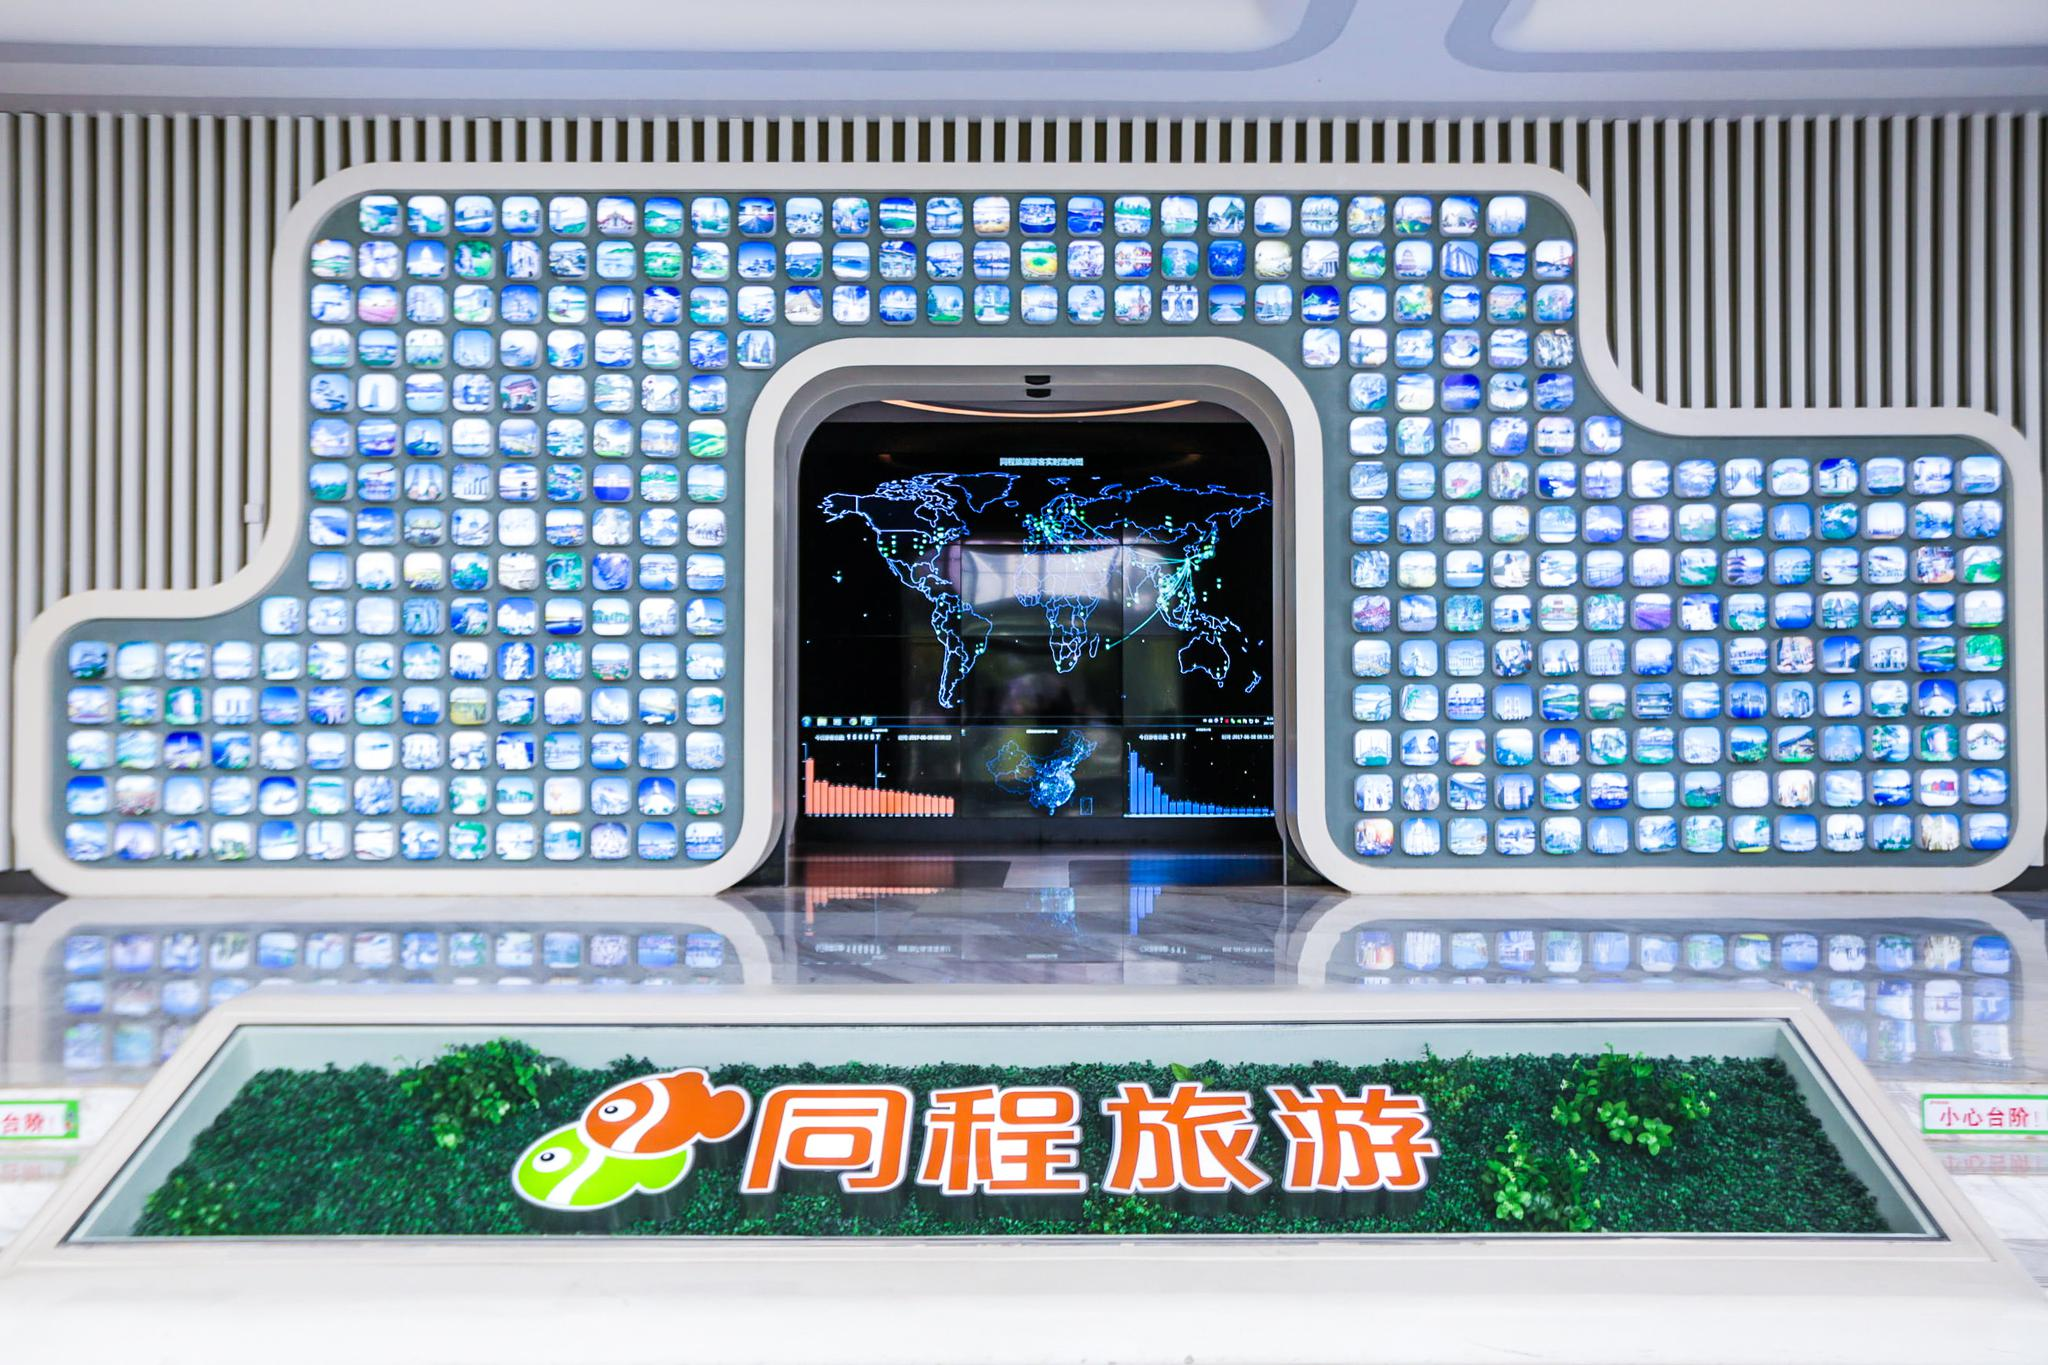 同程艺龙递交招股书启动港股IPO 腾讯为第一大股东